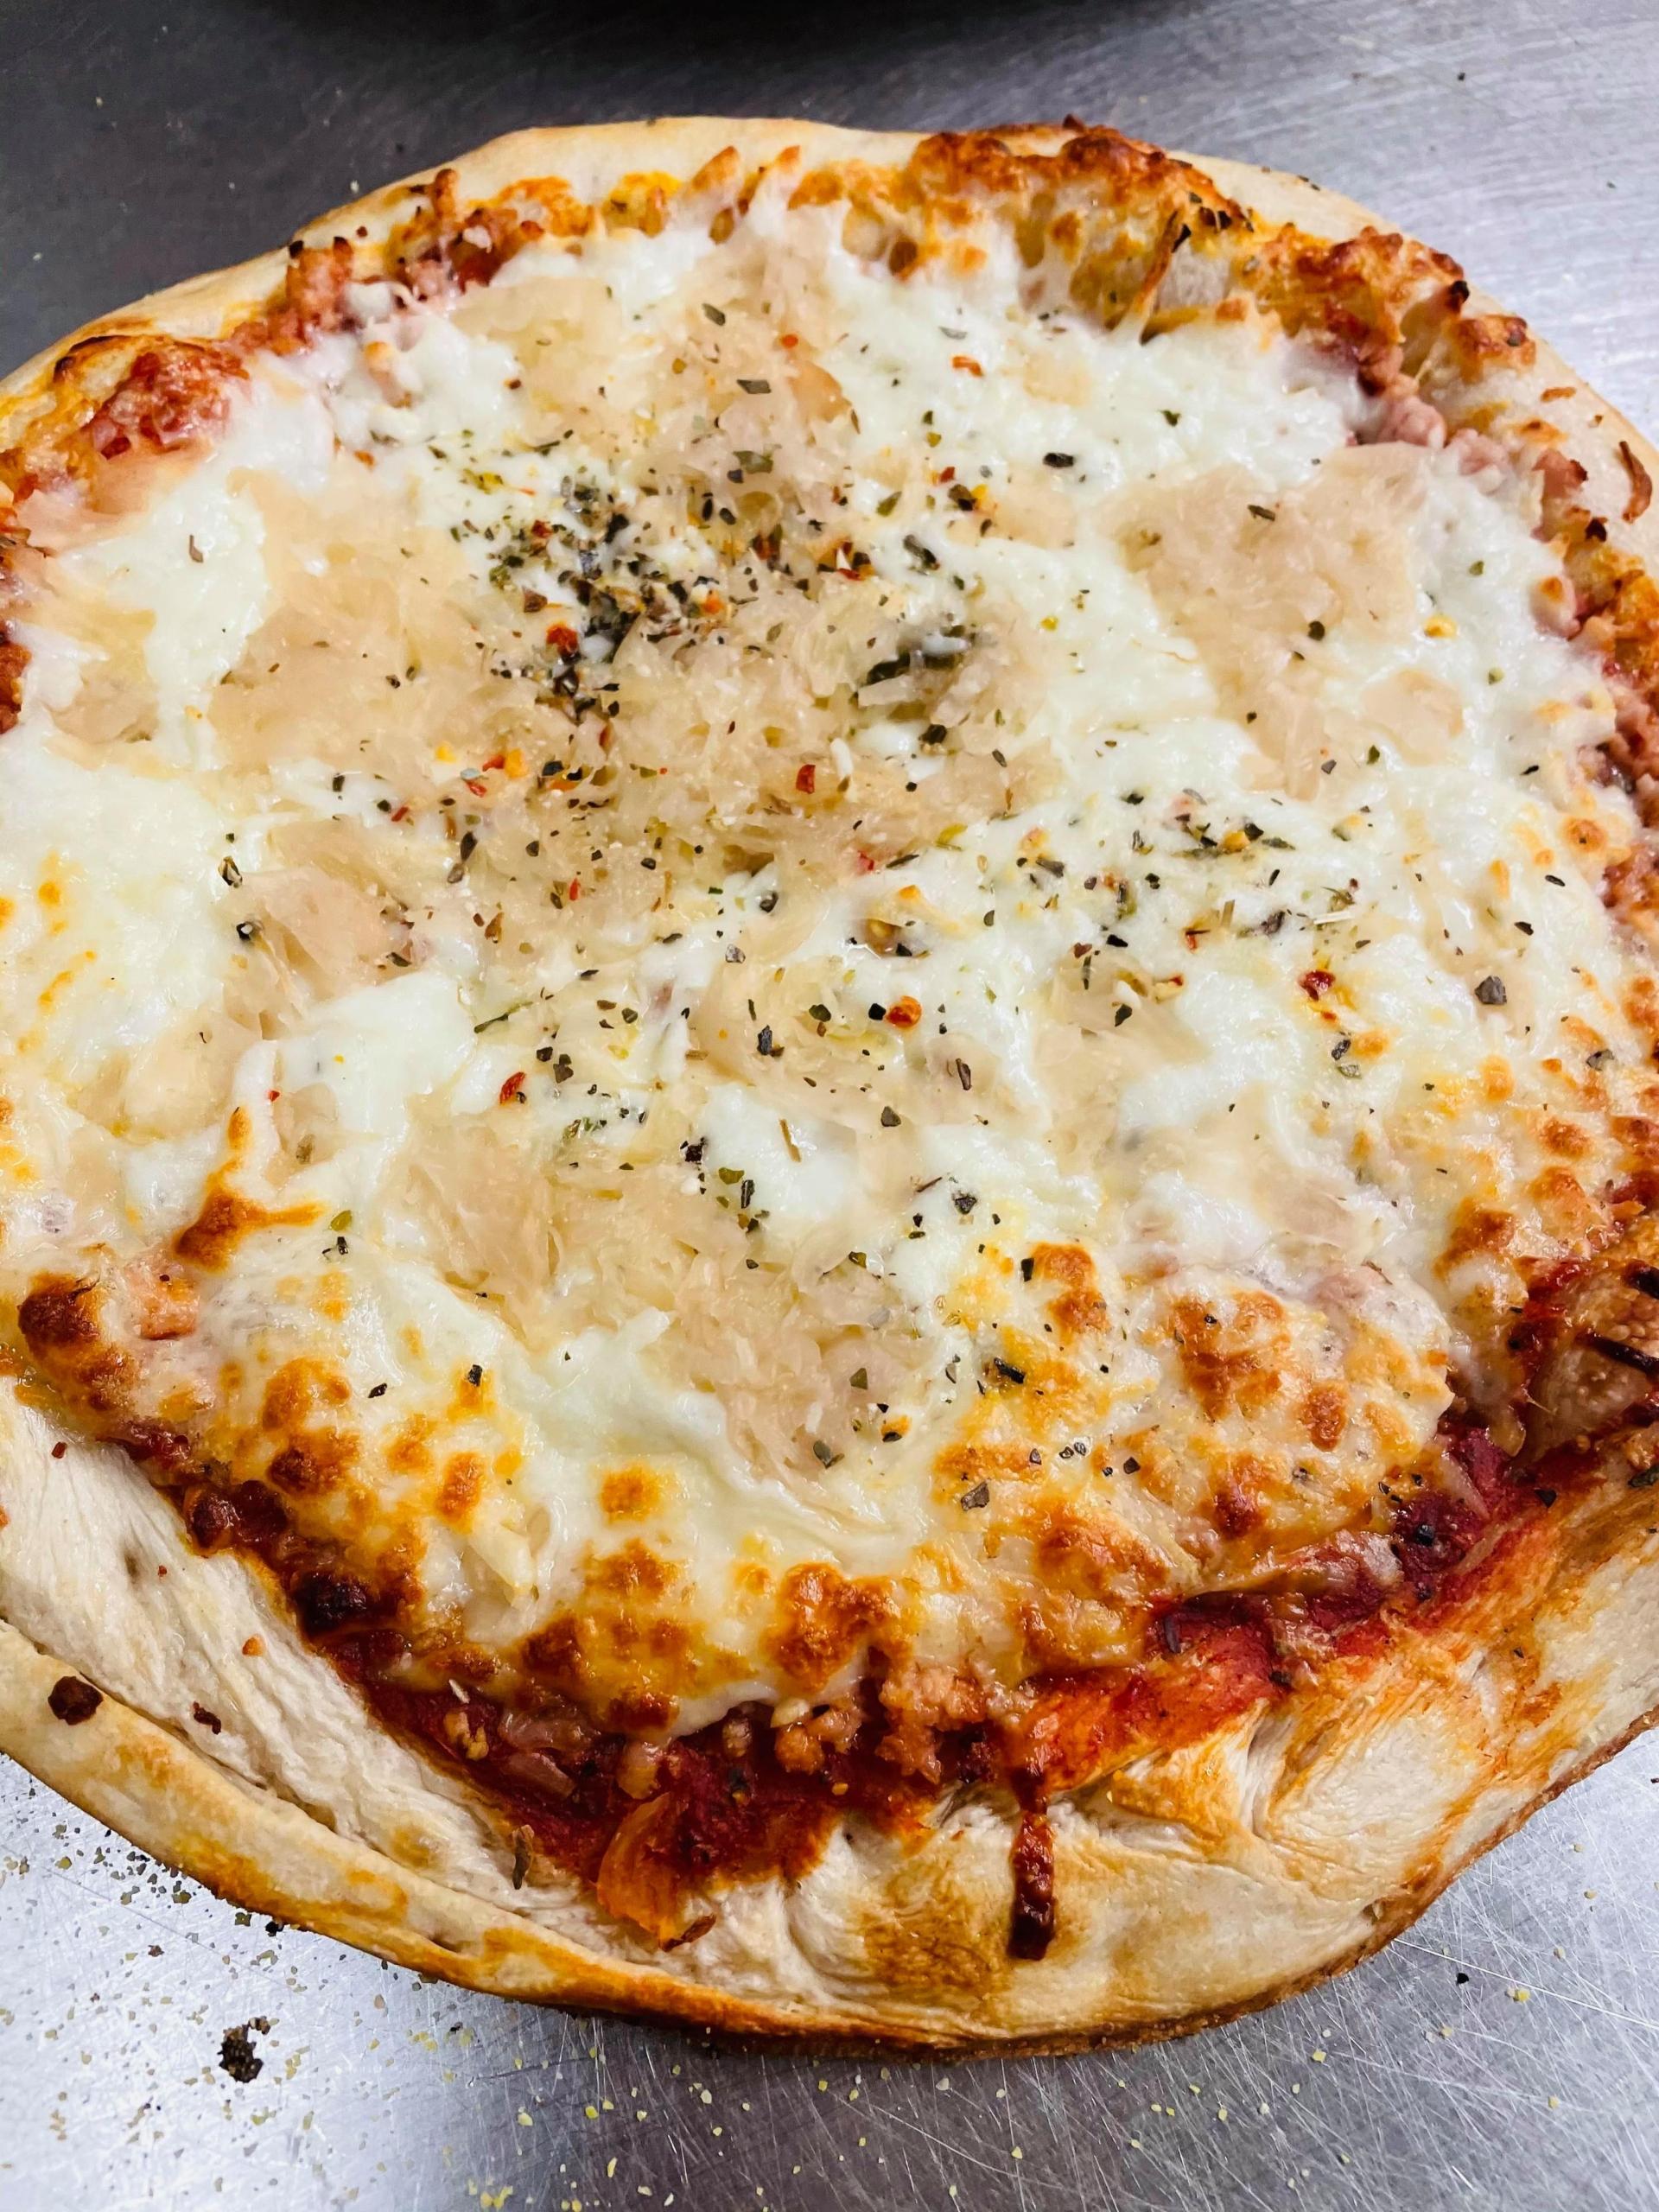 Frozen take-n-bake Sour Pig Pizza - QC Pizza Mahtomedi MN.